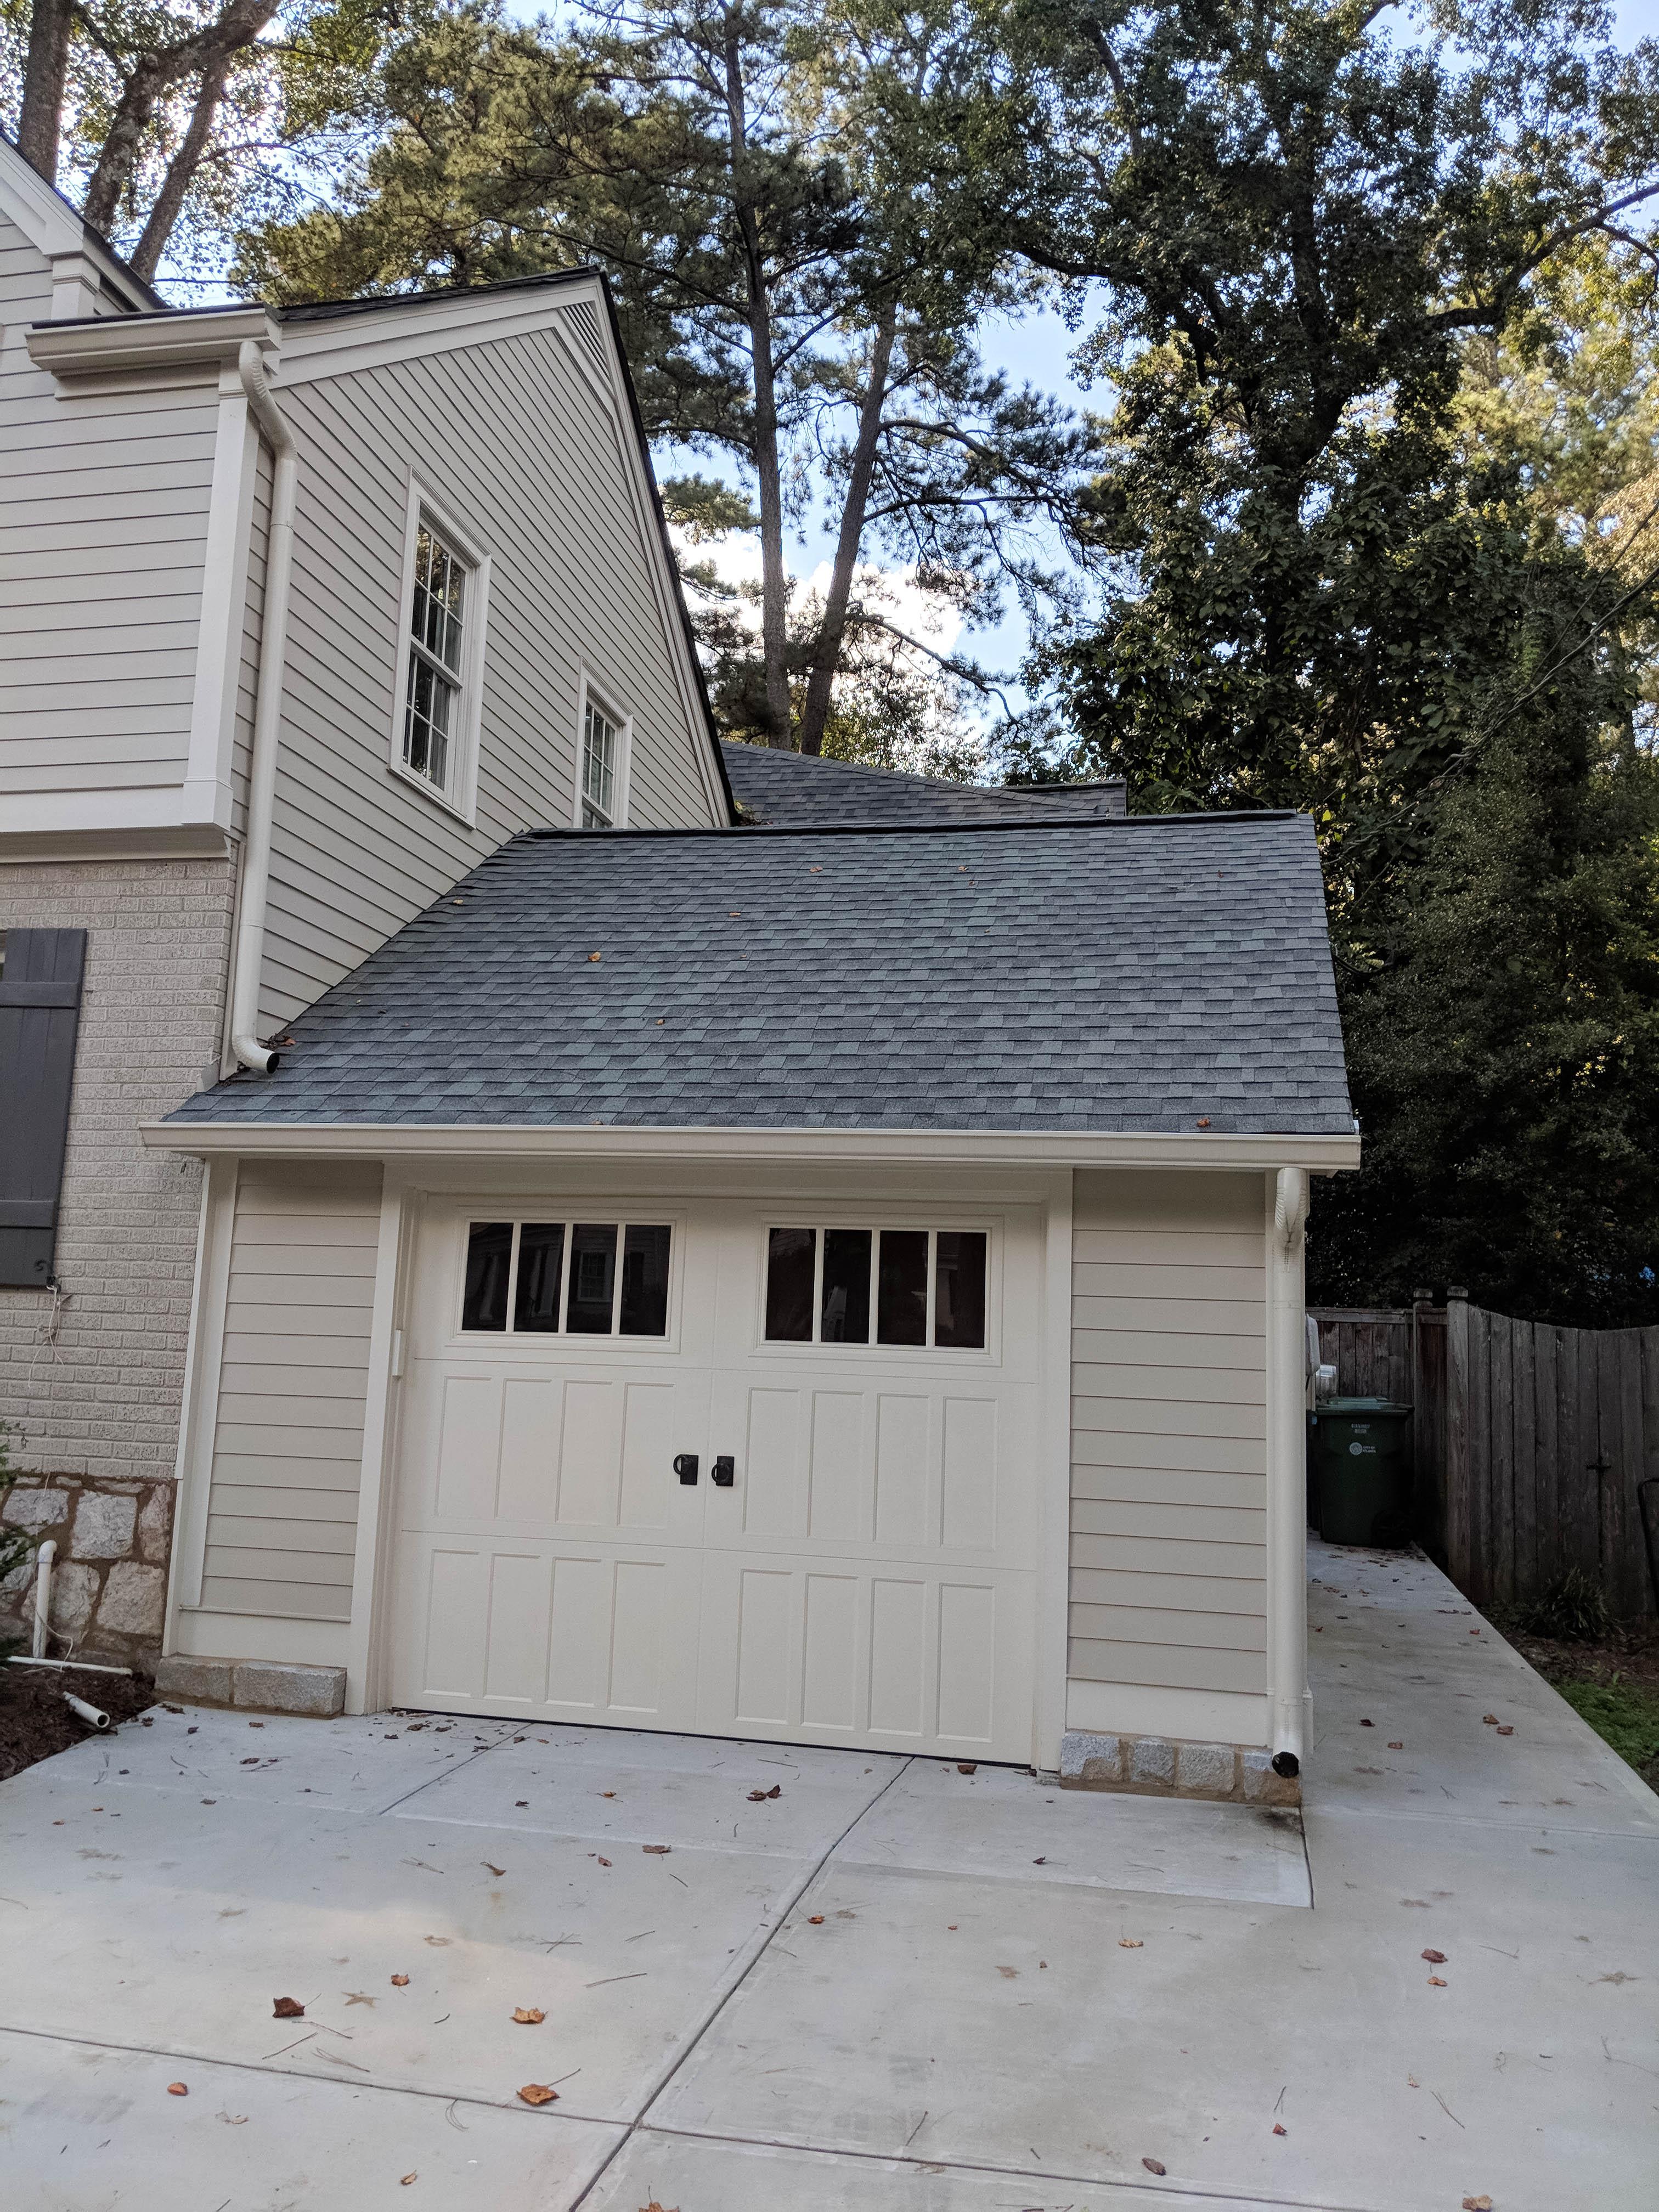 N. Ivy Rd. Ext Facelift - After Garage